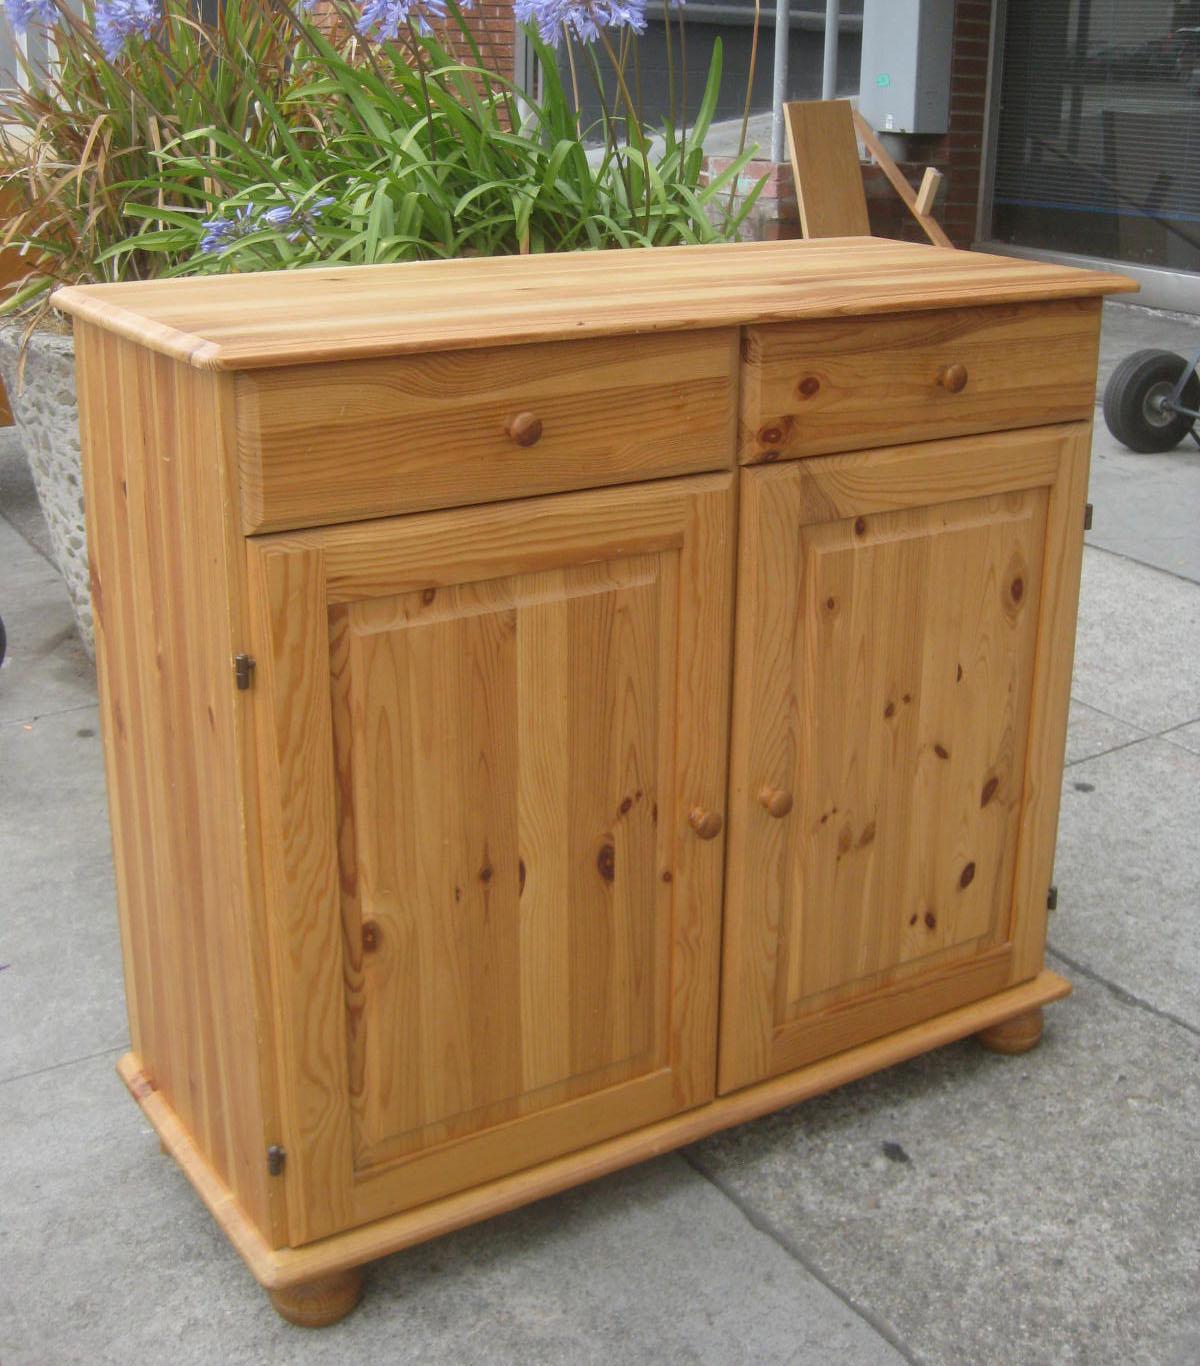 Pine Kitchen Cabinet: UHURU FURNITURE & COLLECTIBLES: SOLD